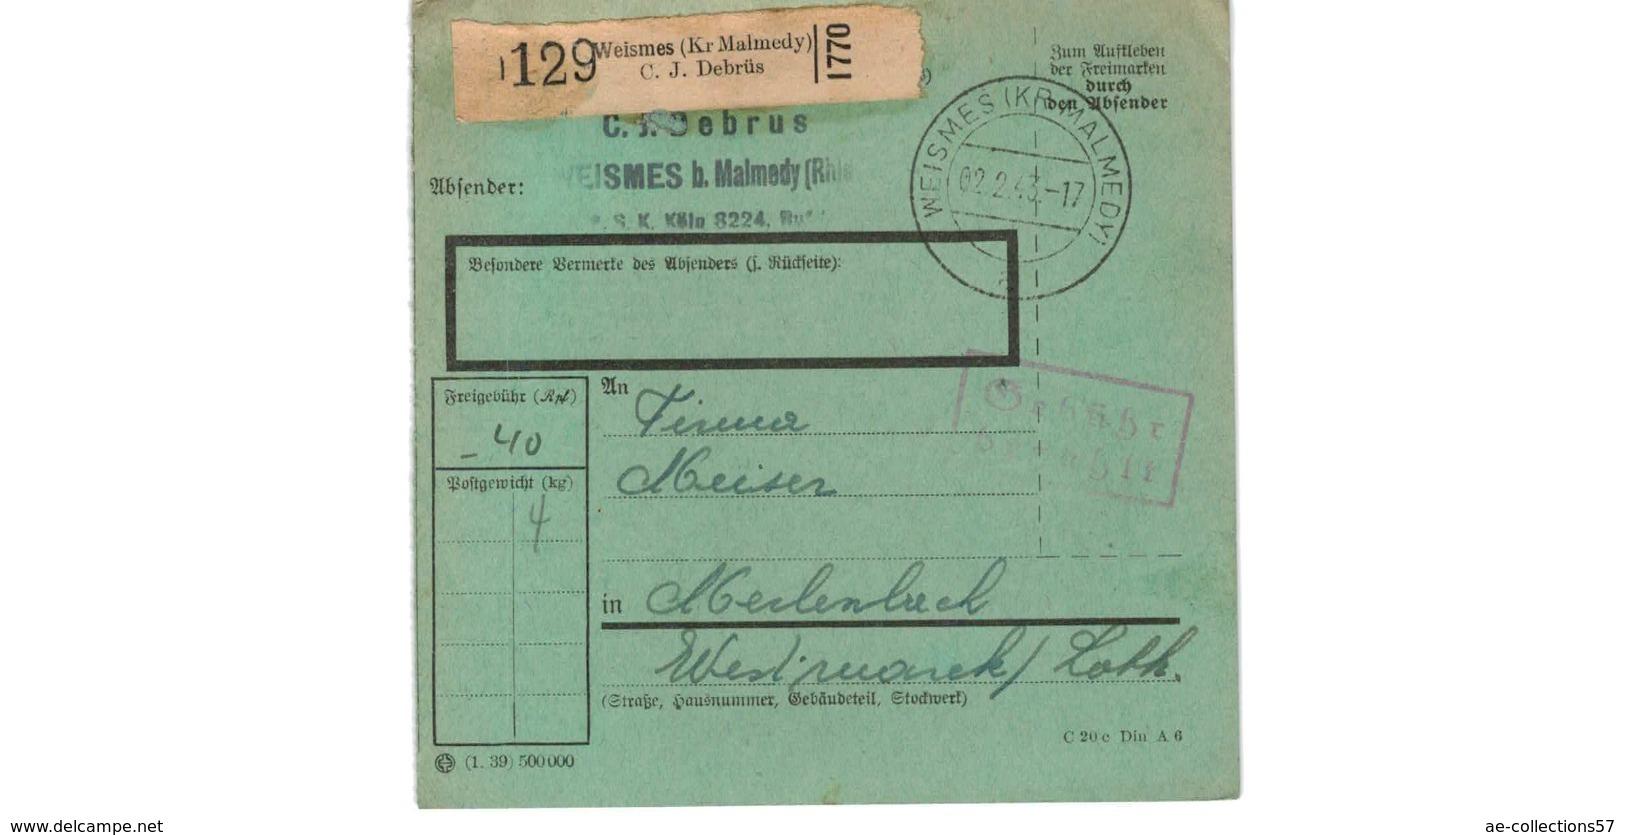 Allemagne  - Colis Postal  Départ Weismes ( Kr Malmedy  )  --02/2/1943 - Allemagne